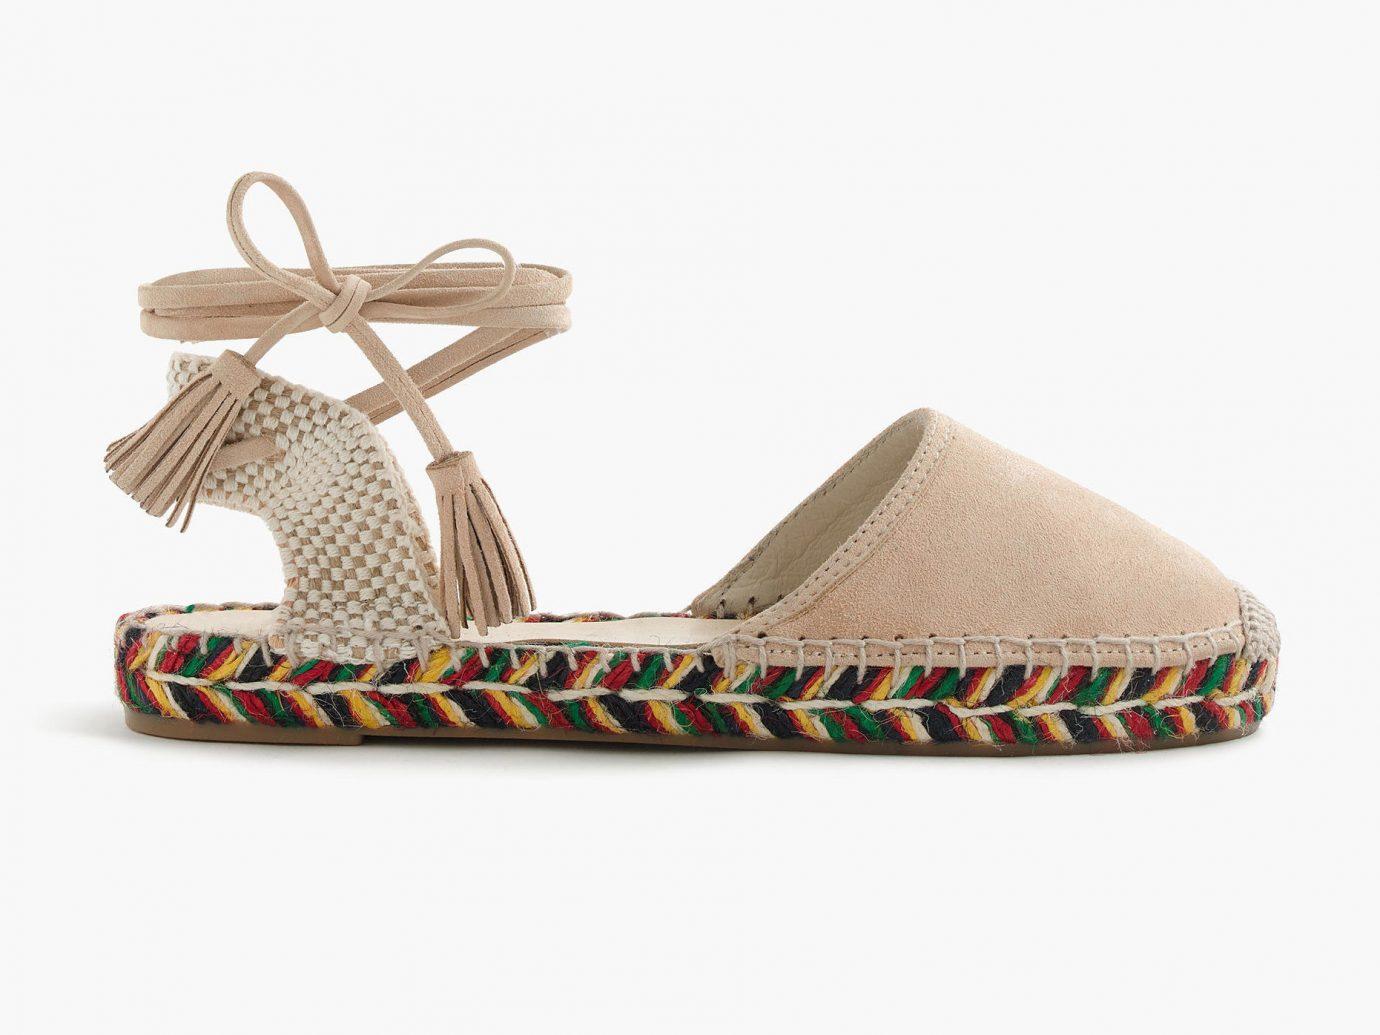 Style + Design footwear shoe leather sandal outdoor shoe beige